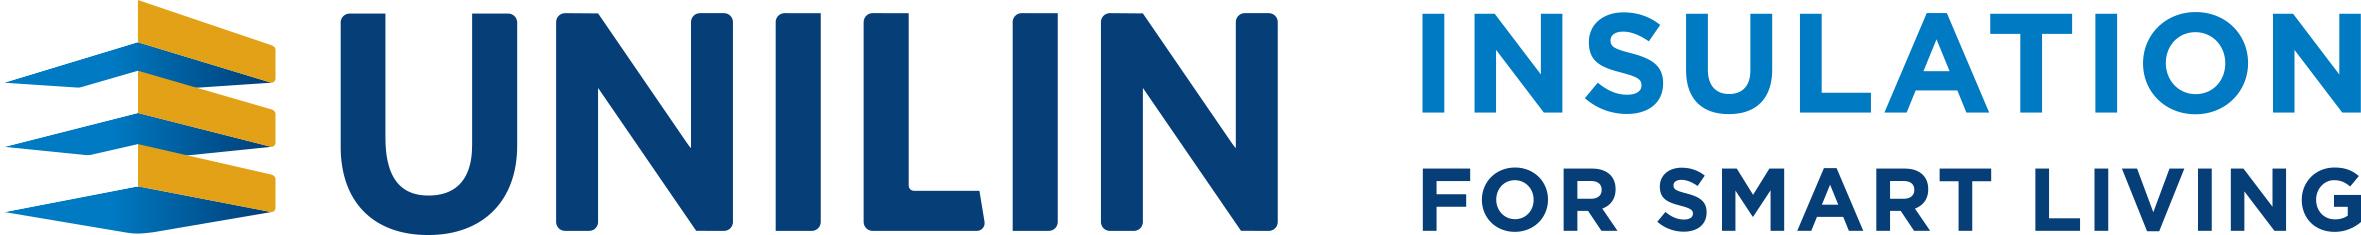 logo_UNILIN_Insulation_fsl_h_qu